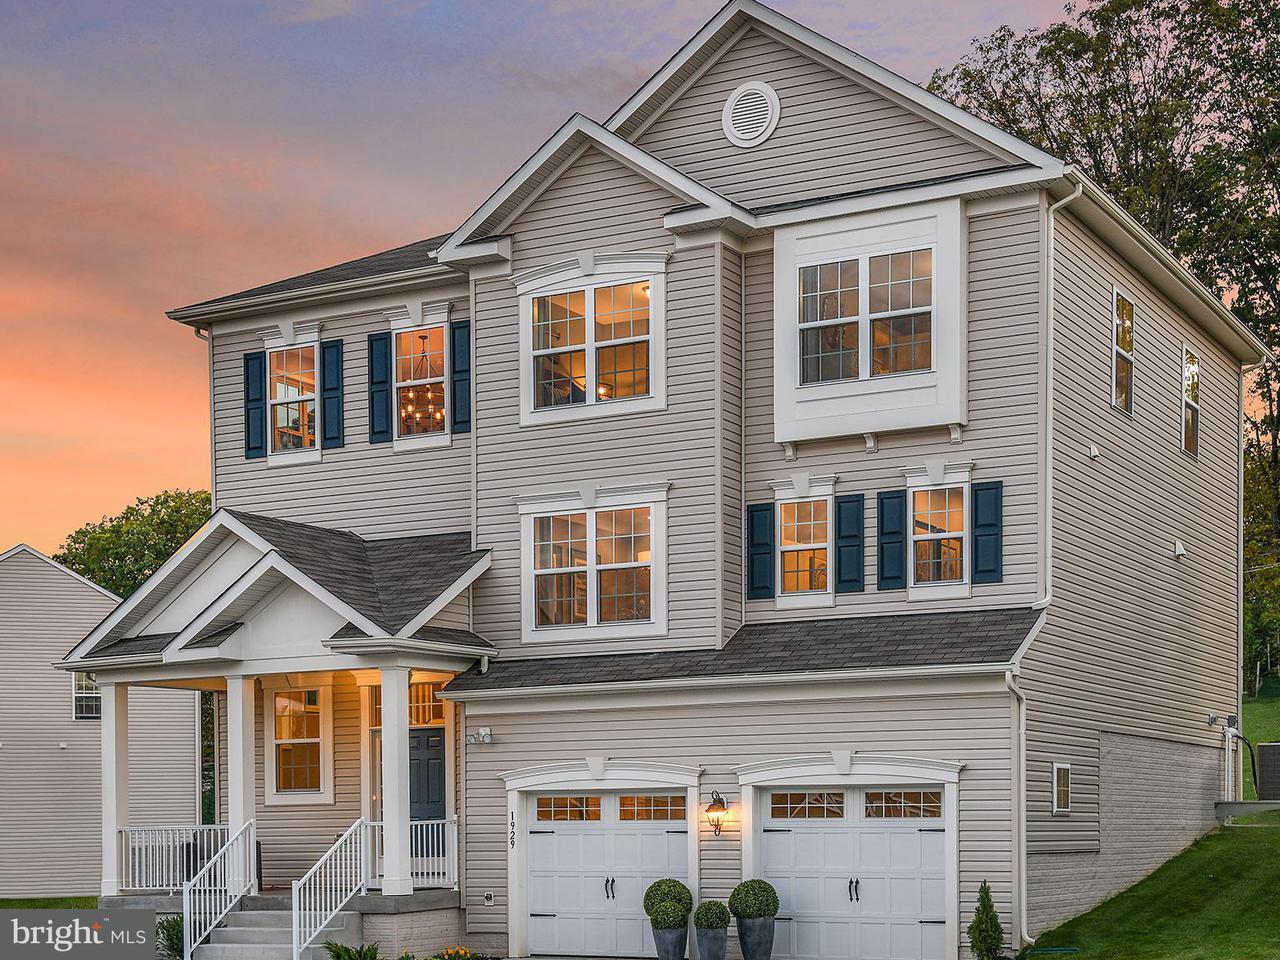 Casa Unifamiliar por un Venta en 1925 RUSHLEY Road 1925 RUSHLEY Road Parkville, Maryland 21234 Estados Unidos